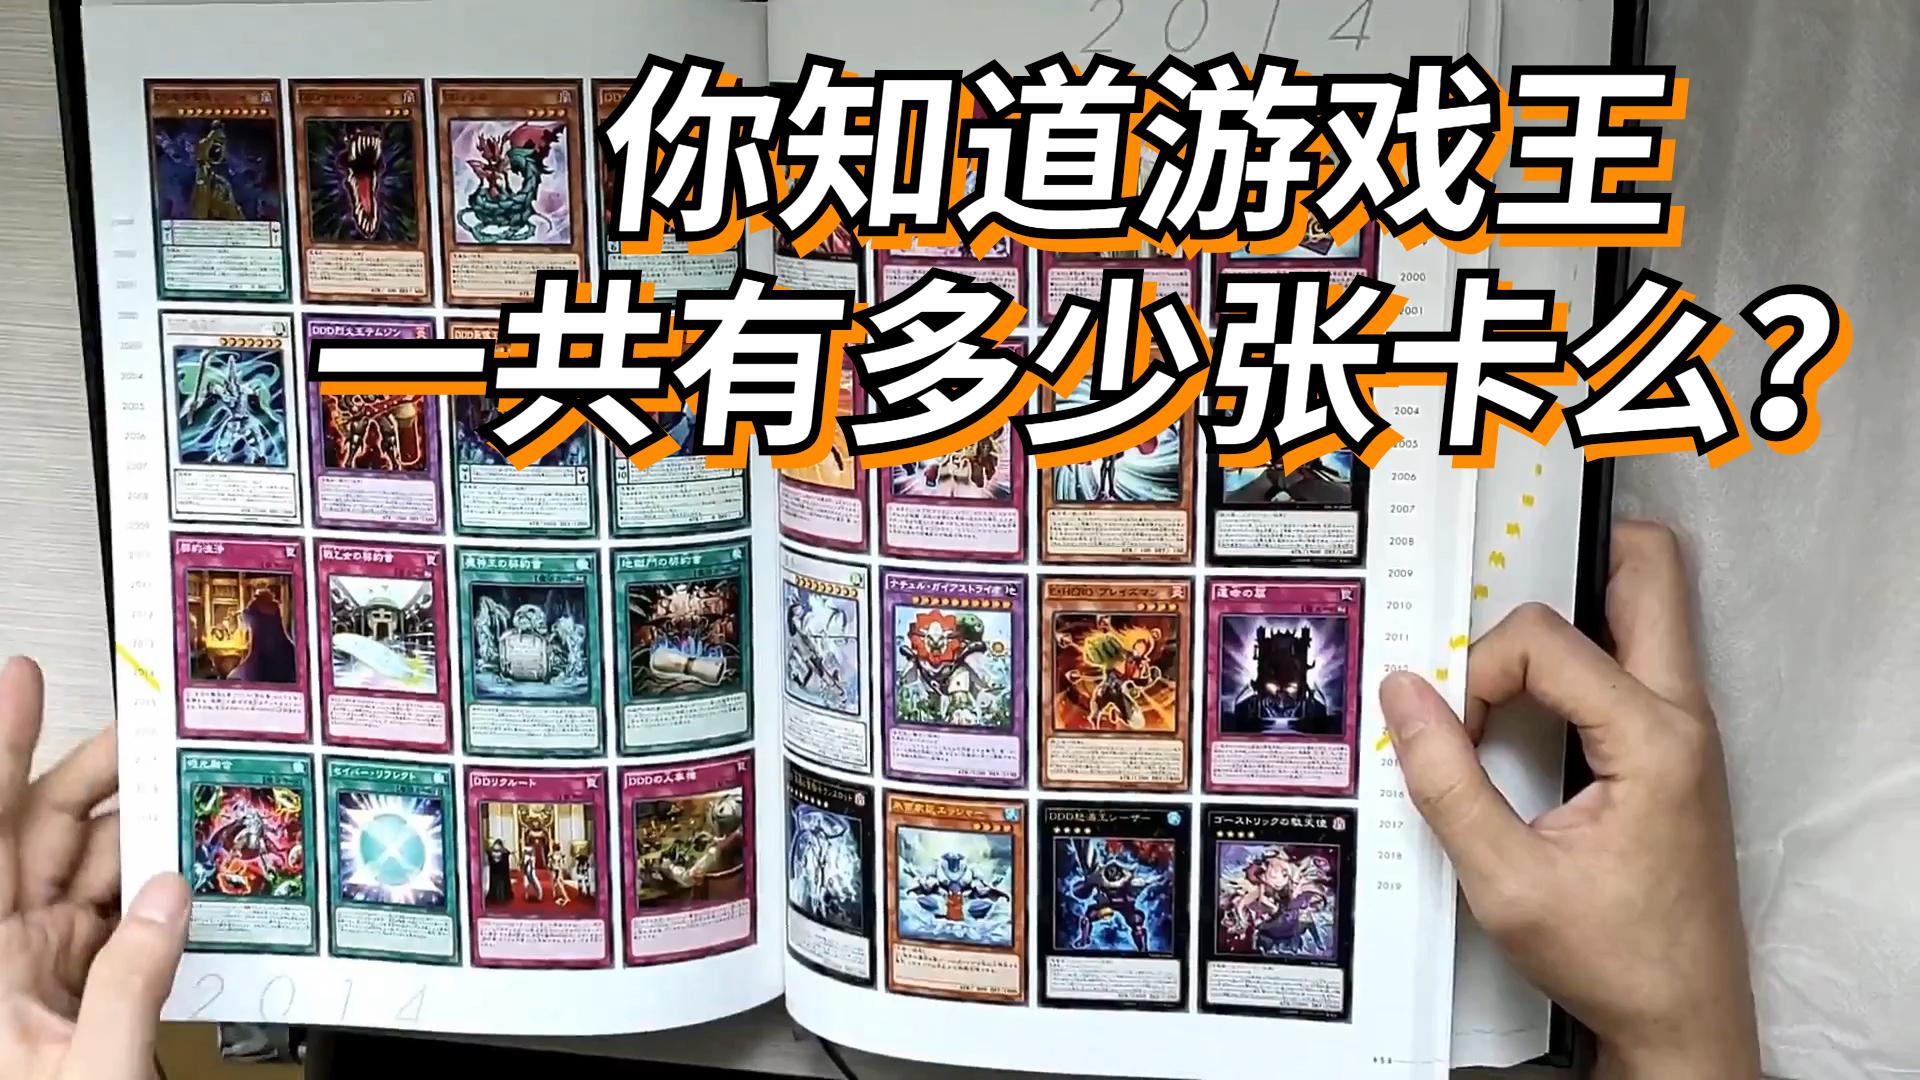 游戏王20周年画集开箱 1999-2019全卡牌图鉴 代发替朋友炫耀ing